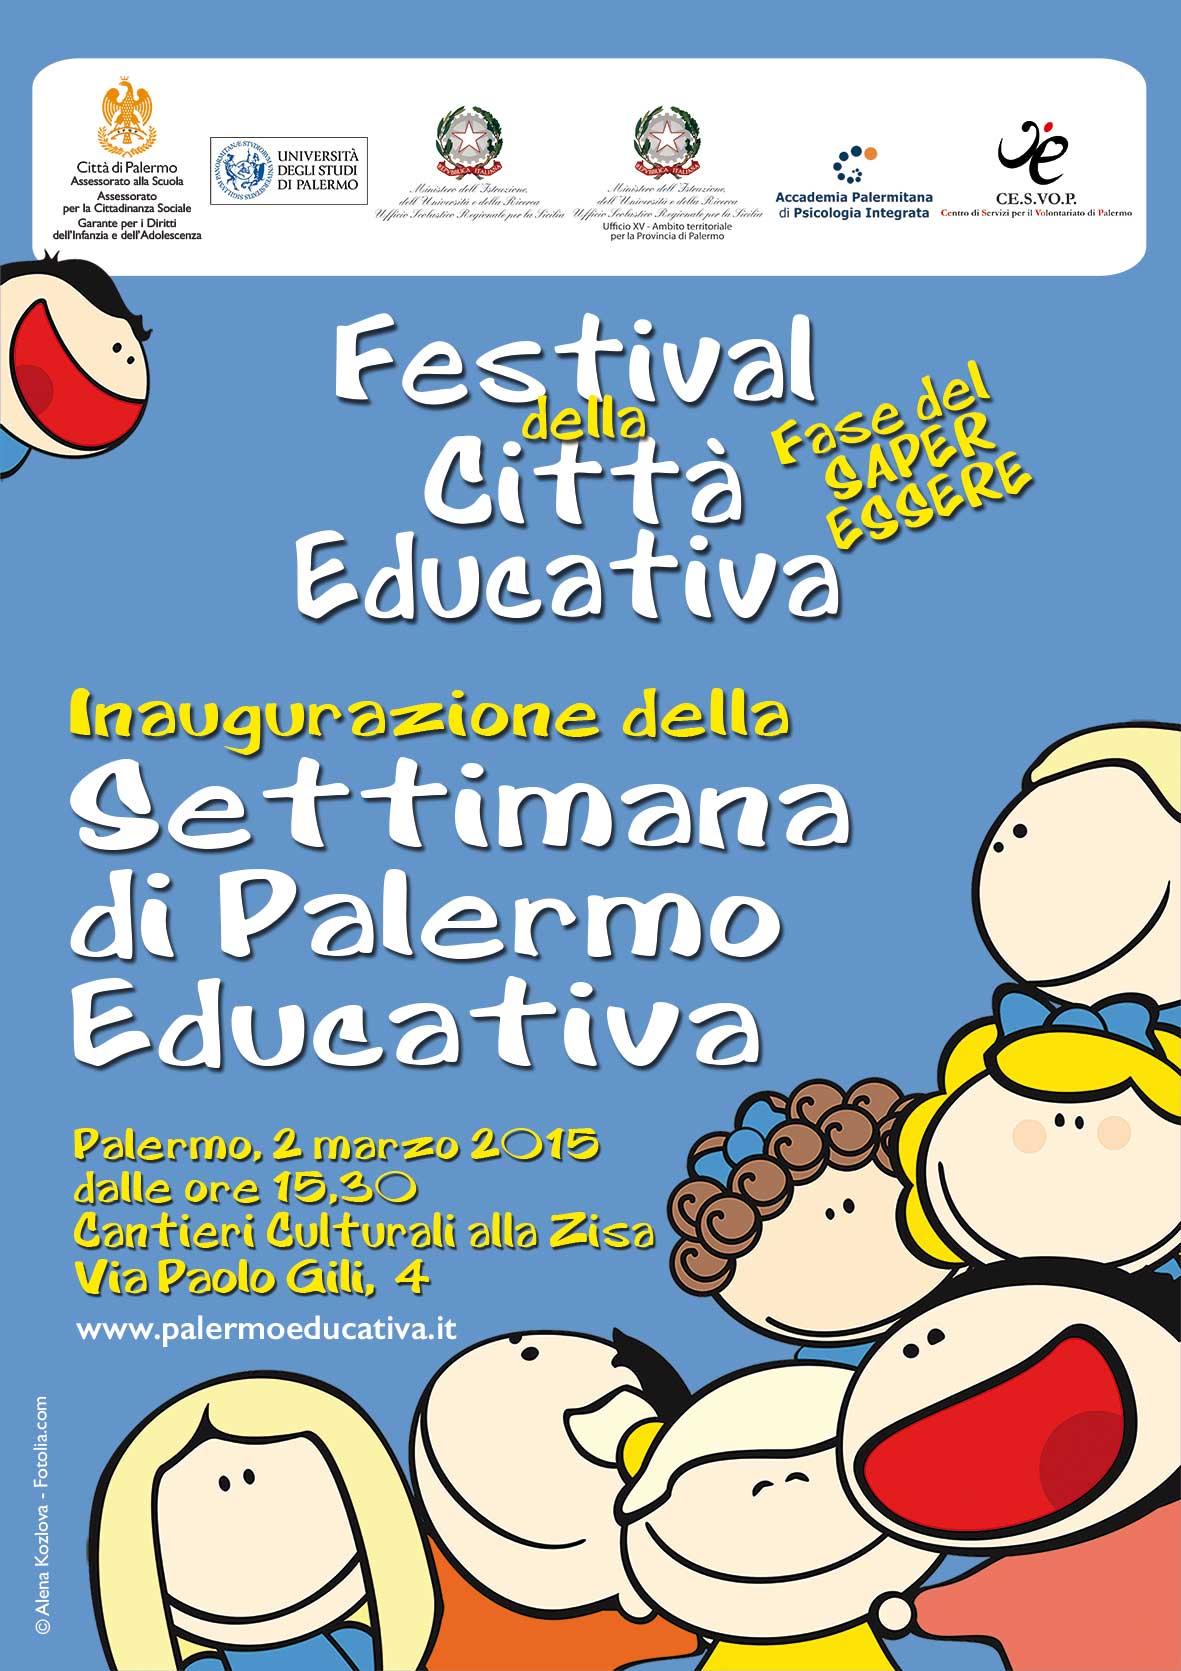 Presentate la settimana di Palermo educativa e Palermo apre le porte